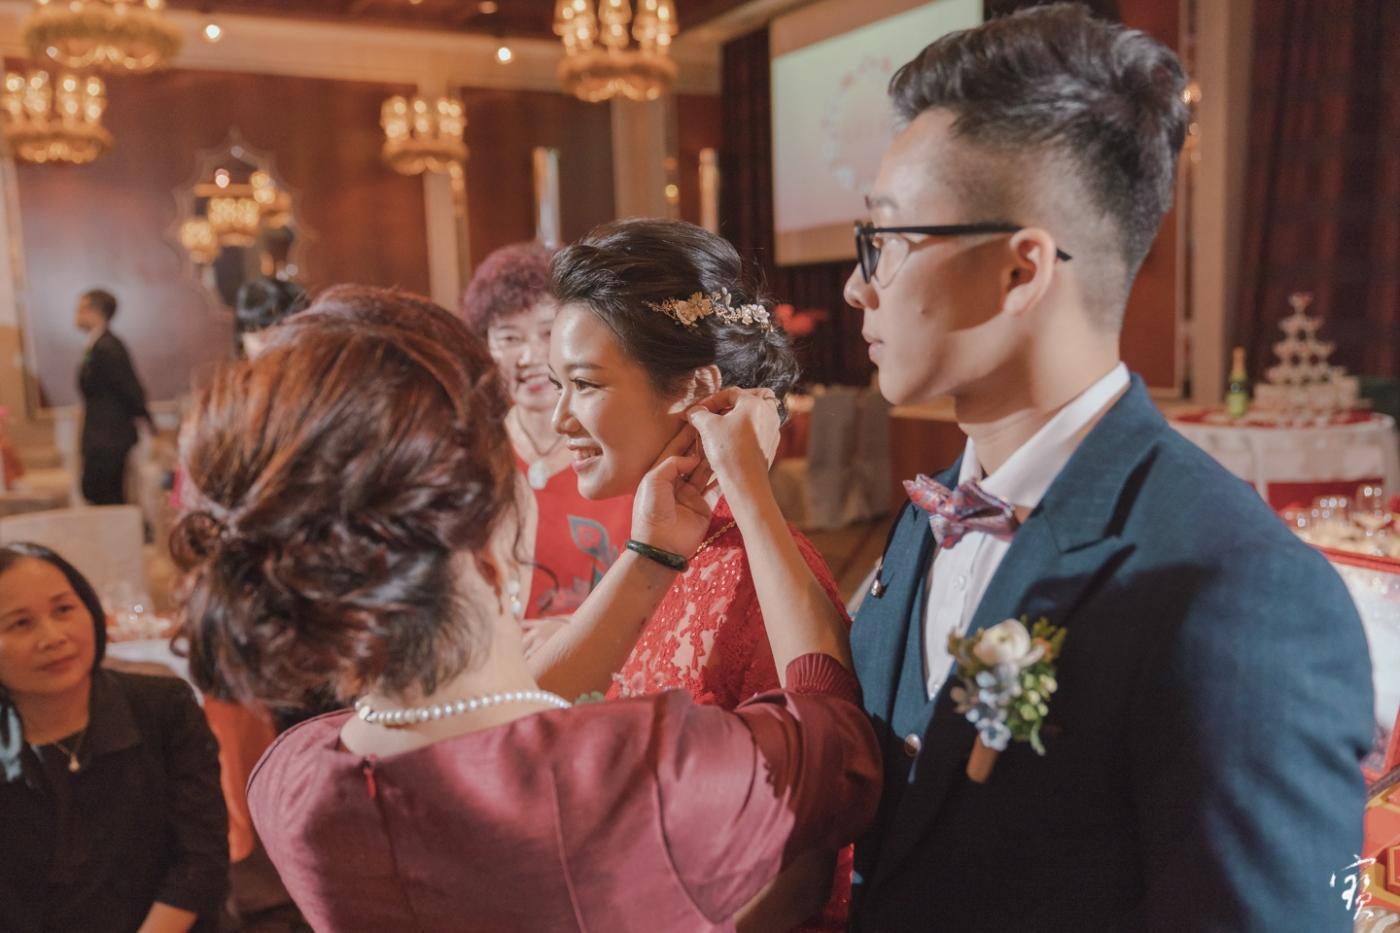 婚禮攝影 婚紗 大直 典華 冬半影像 攝影師大寶 北部攝影 台北攝影 桃園攝影 新竹攝影20181208-148